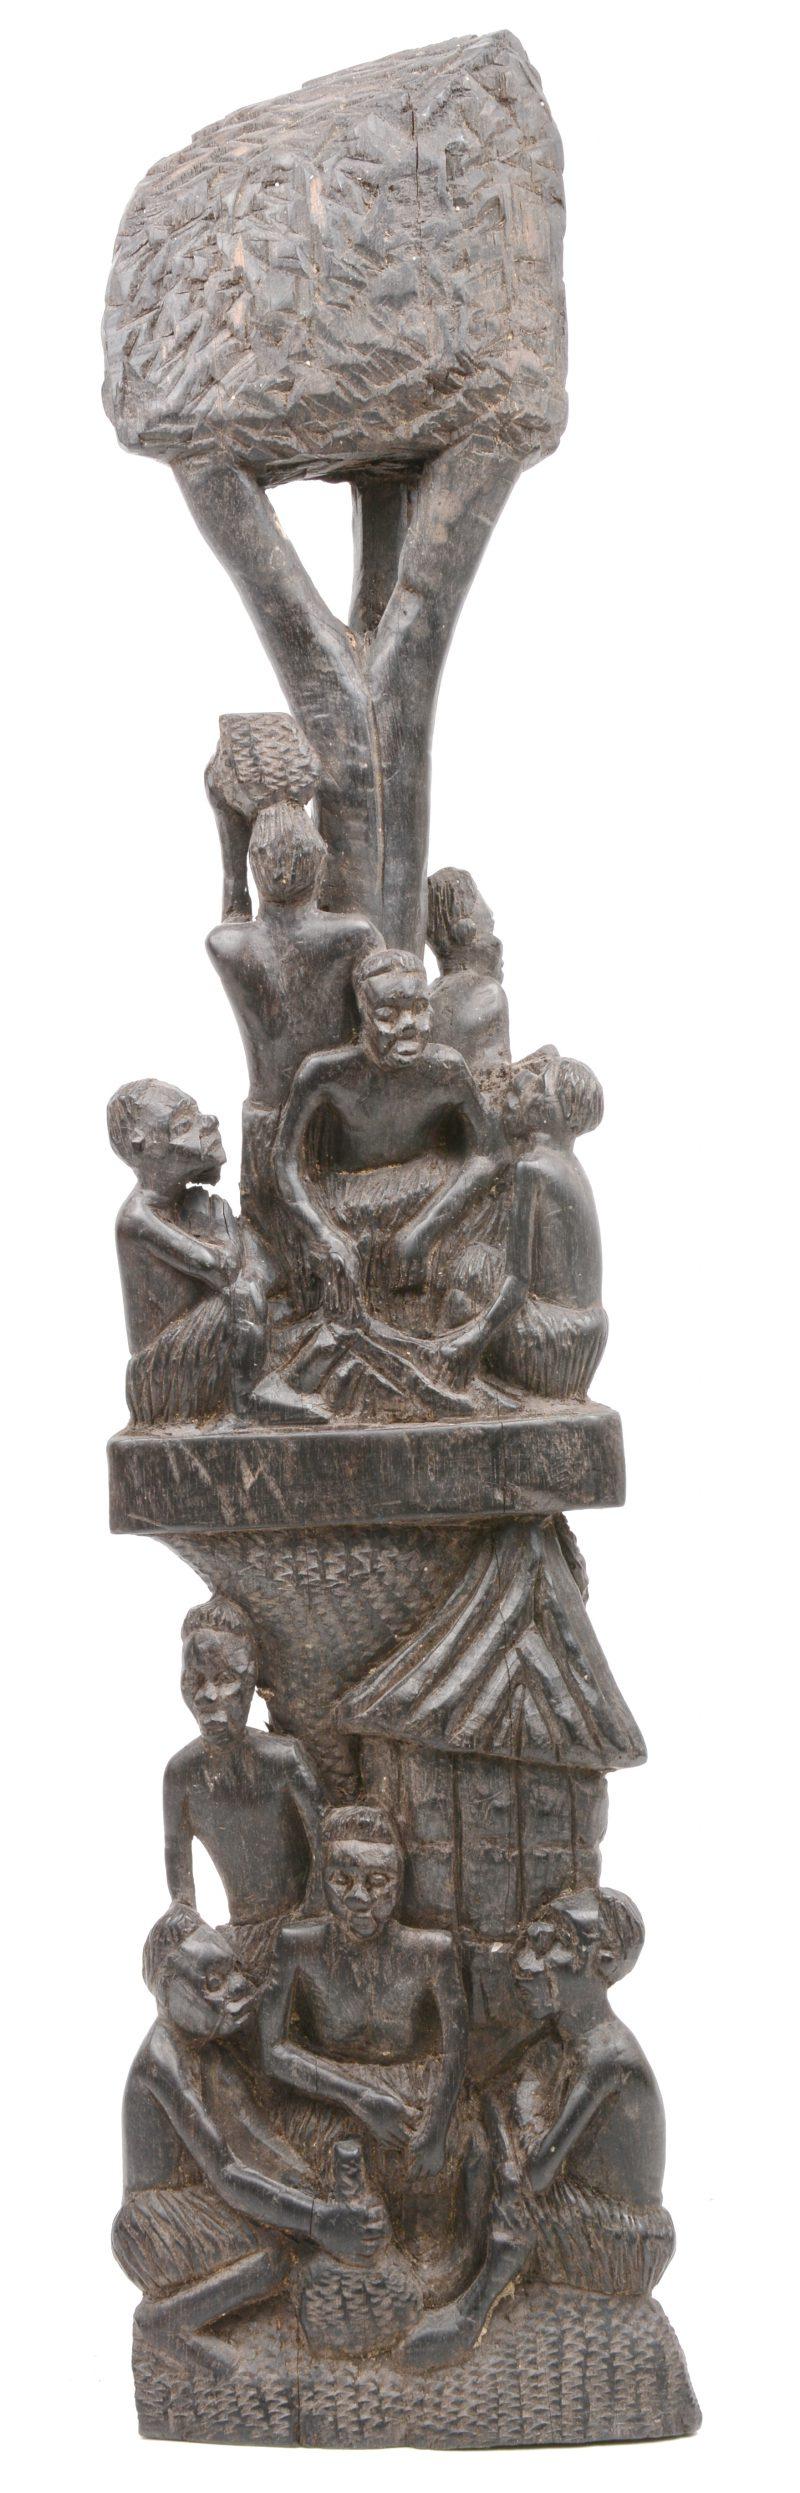 Een gesculpteerd Afrikaans houten beeld met diverse personages.